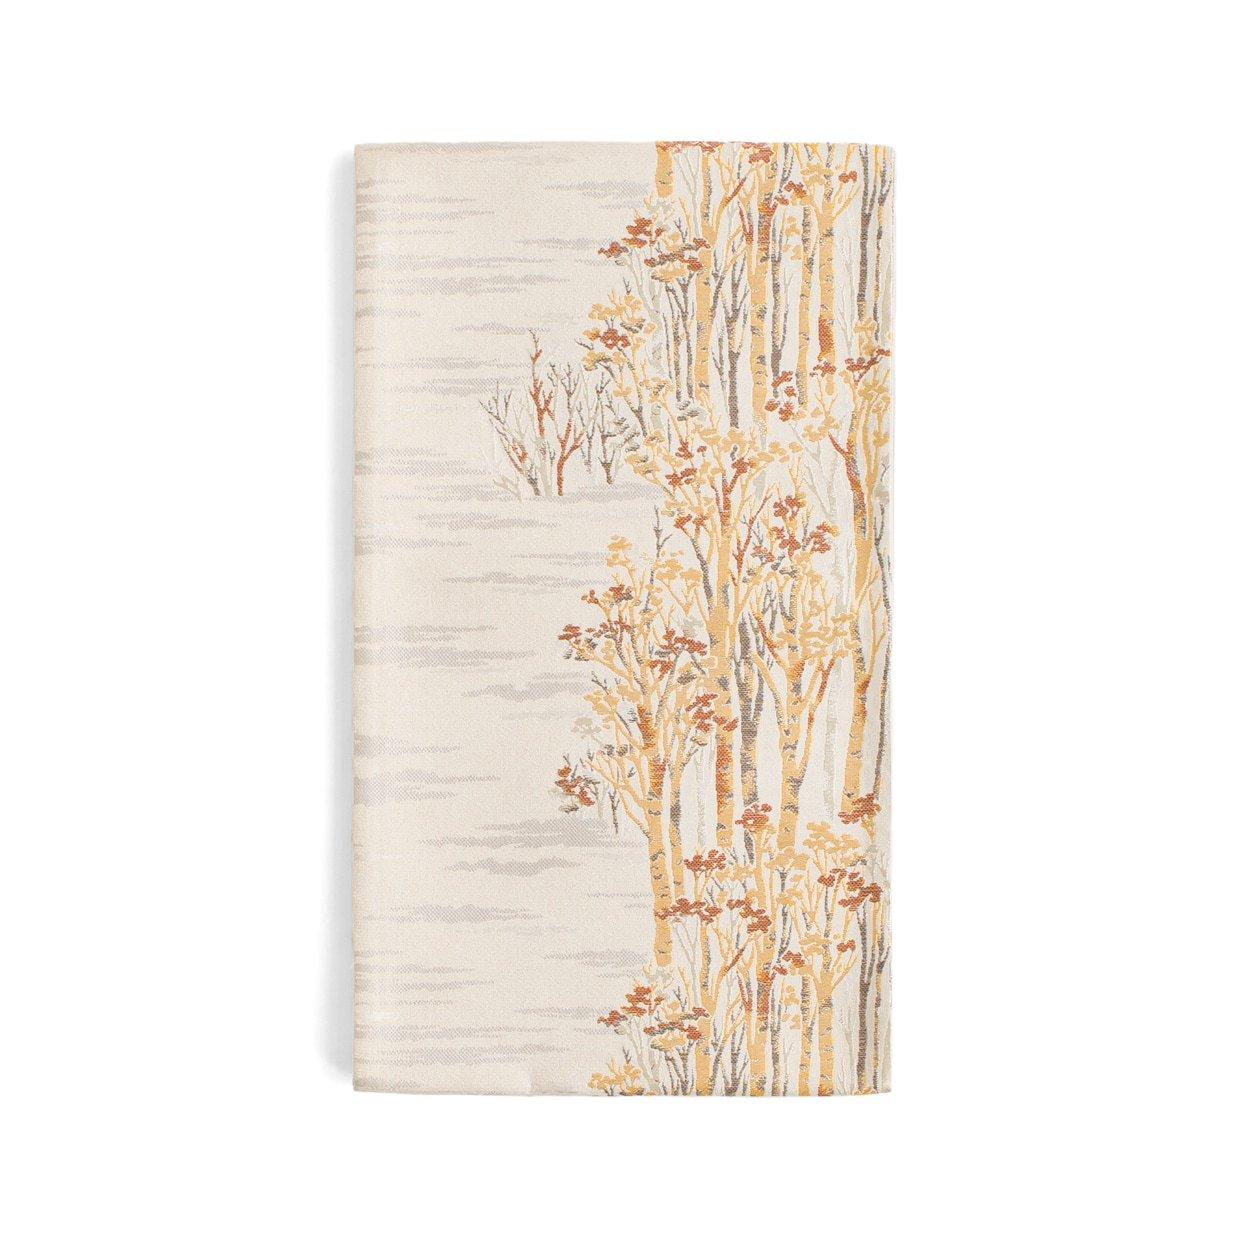 「袋帯●白銀の並木道」の商品画像